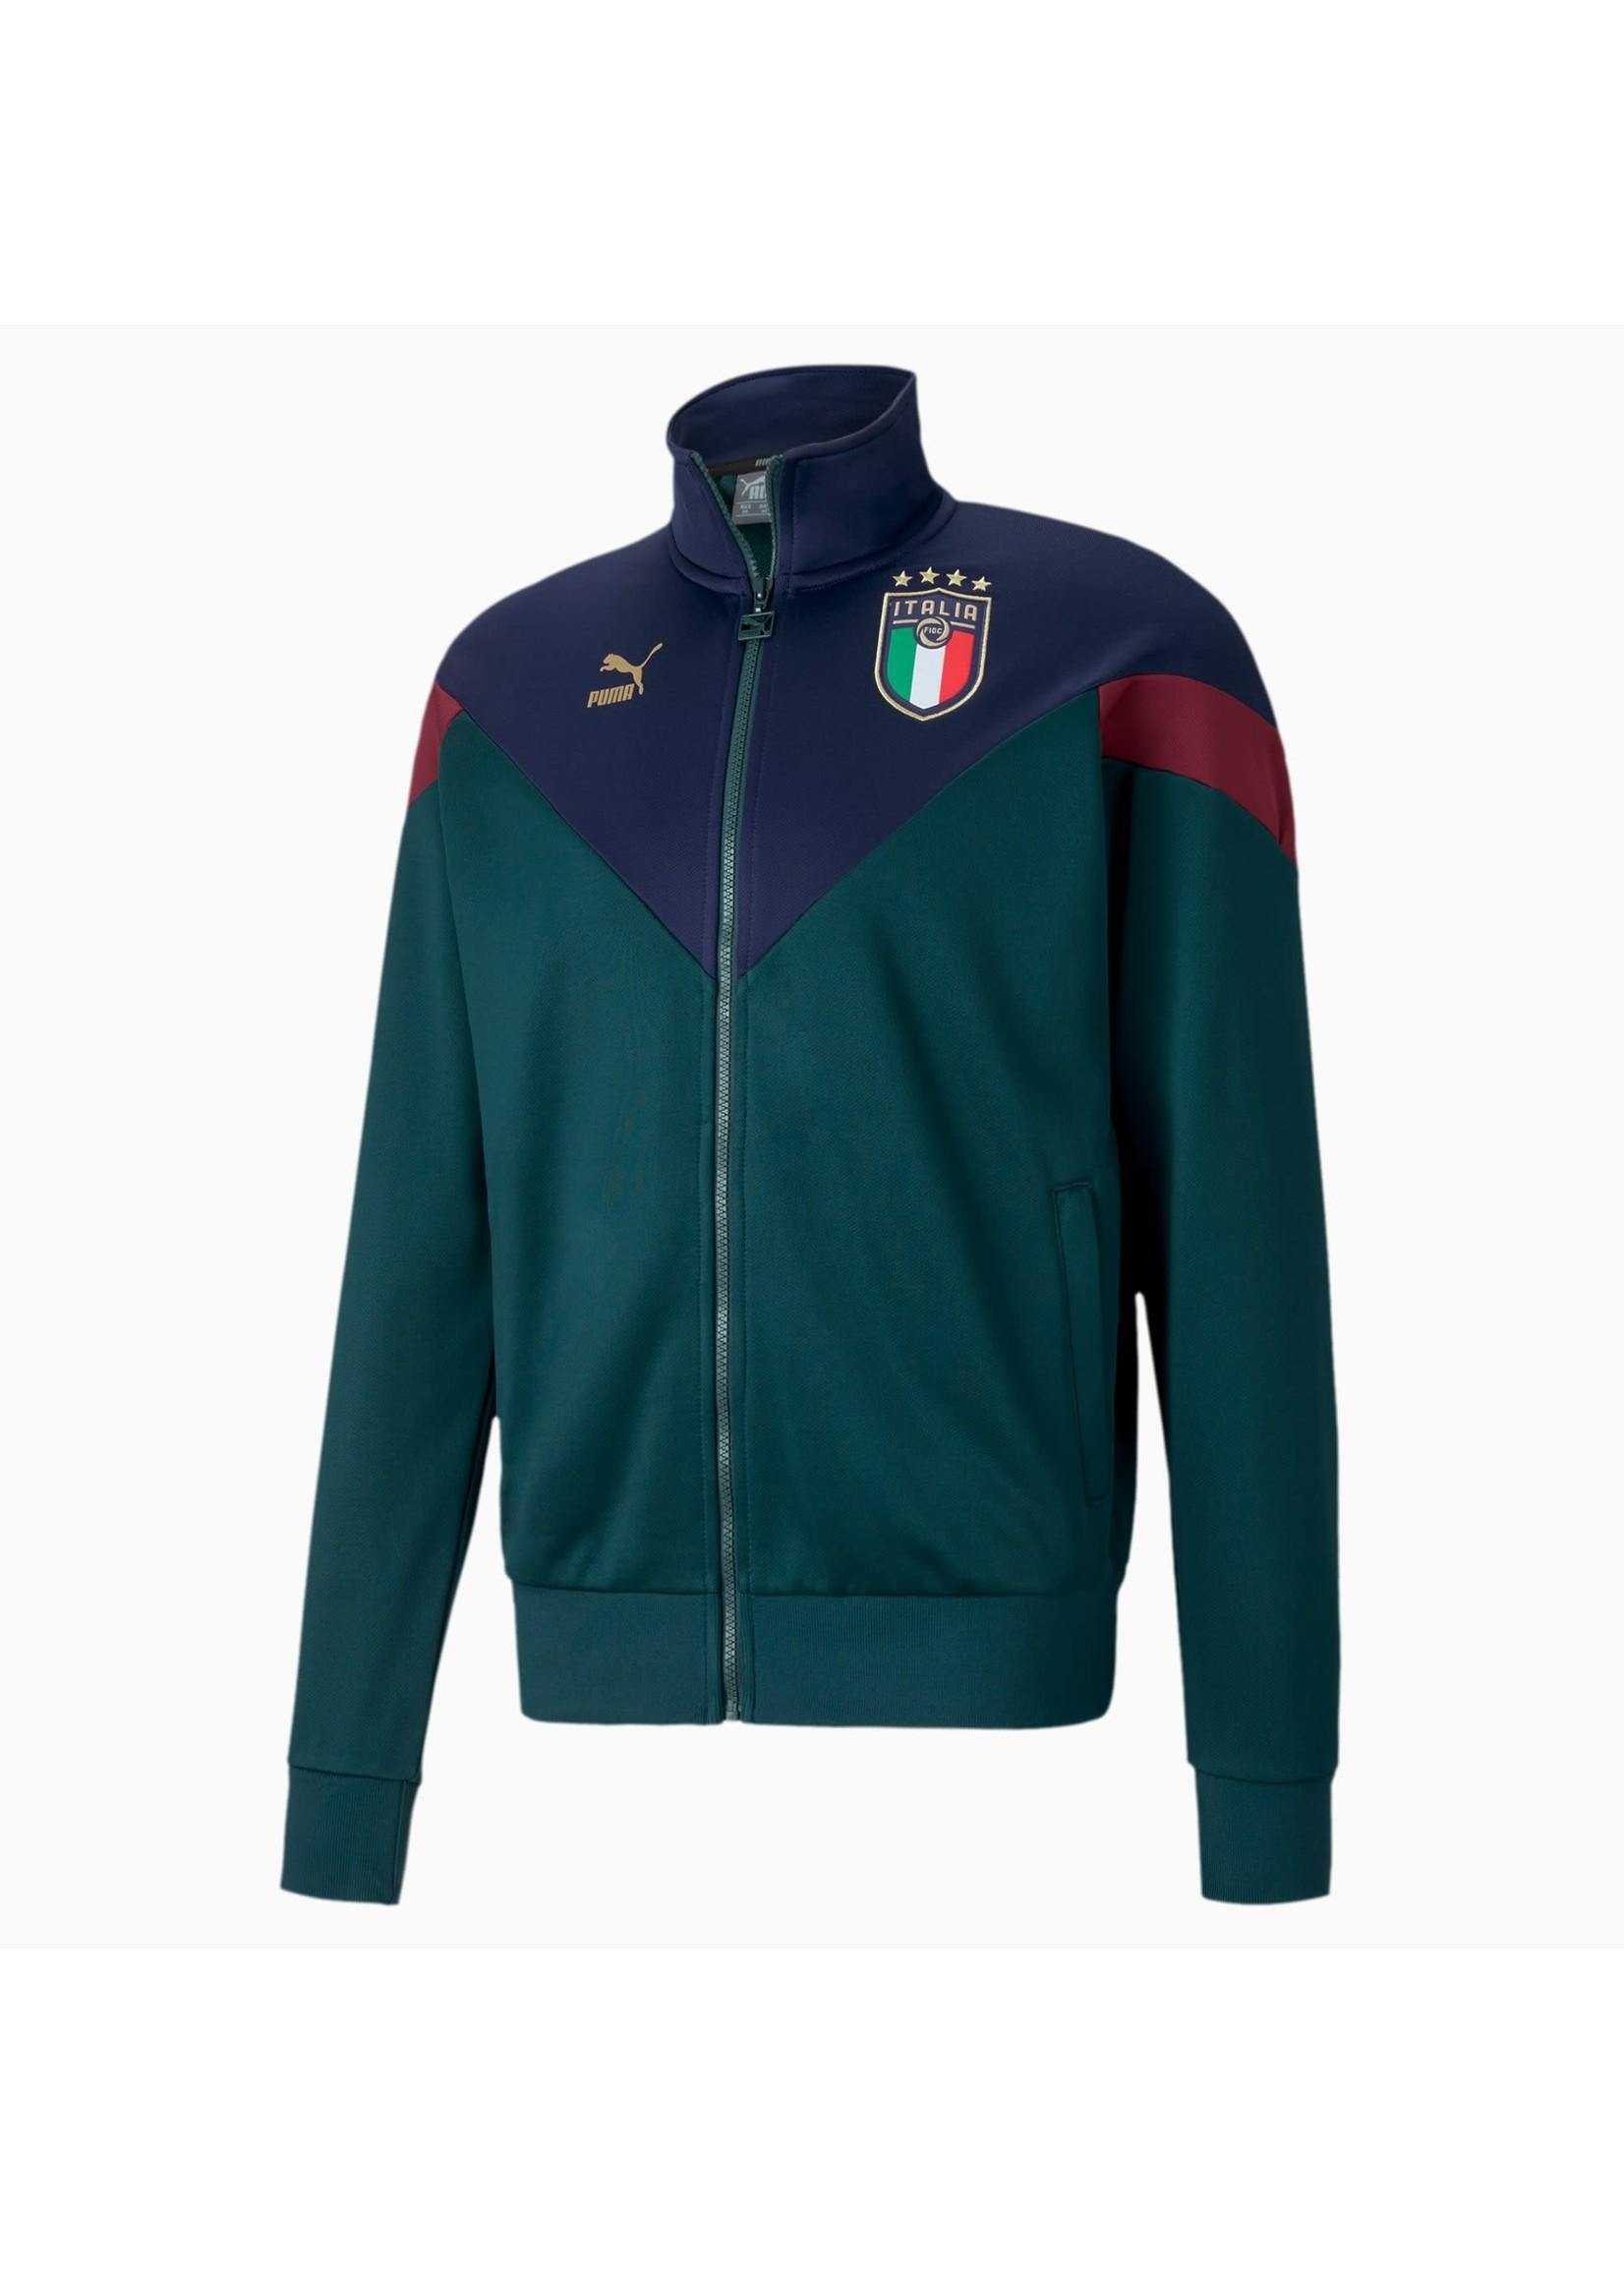 Puma Italy Track Jacket - Full Zip - 756659 02